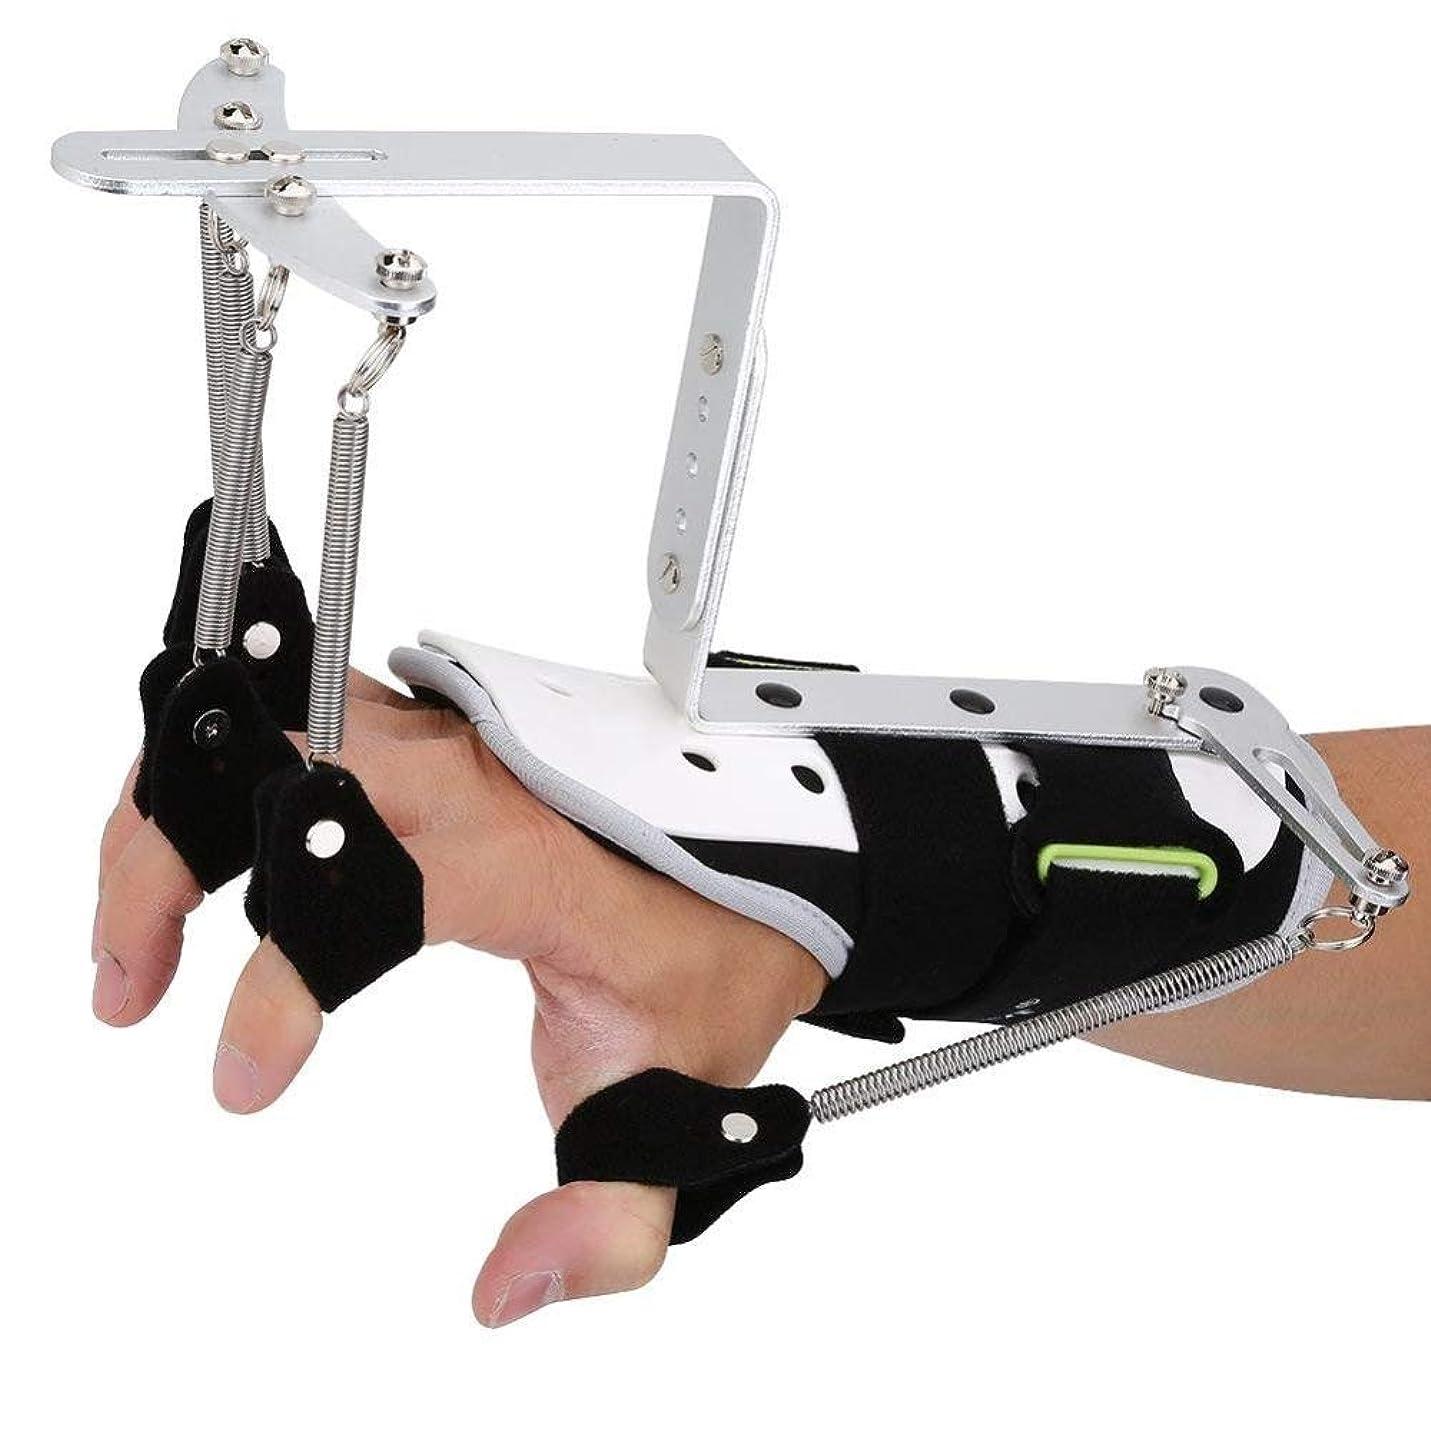 実験をするバー思い出させる脳卒中片麻痺患者の指損傷サポート、指リハビリテーション副木サポート手首矯正トレーニング機器